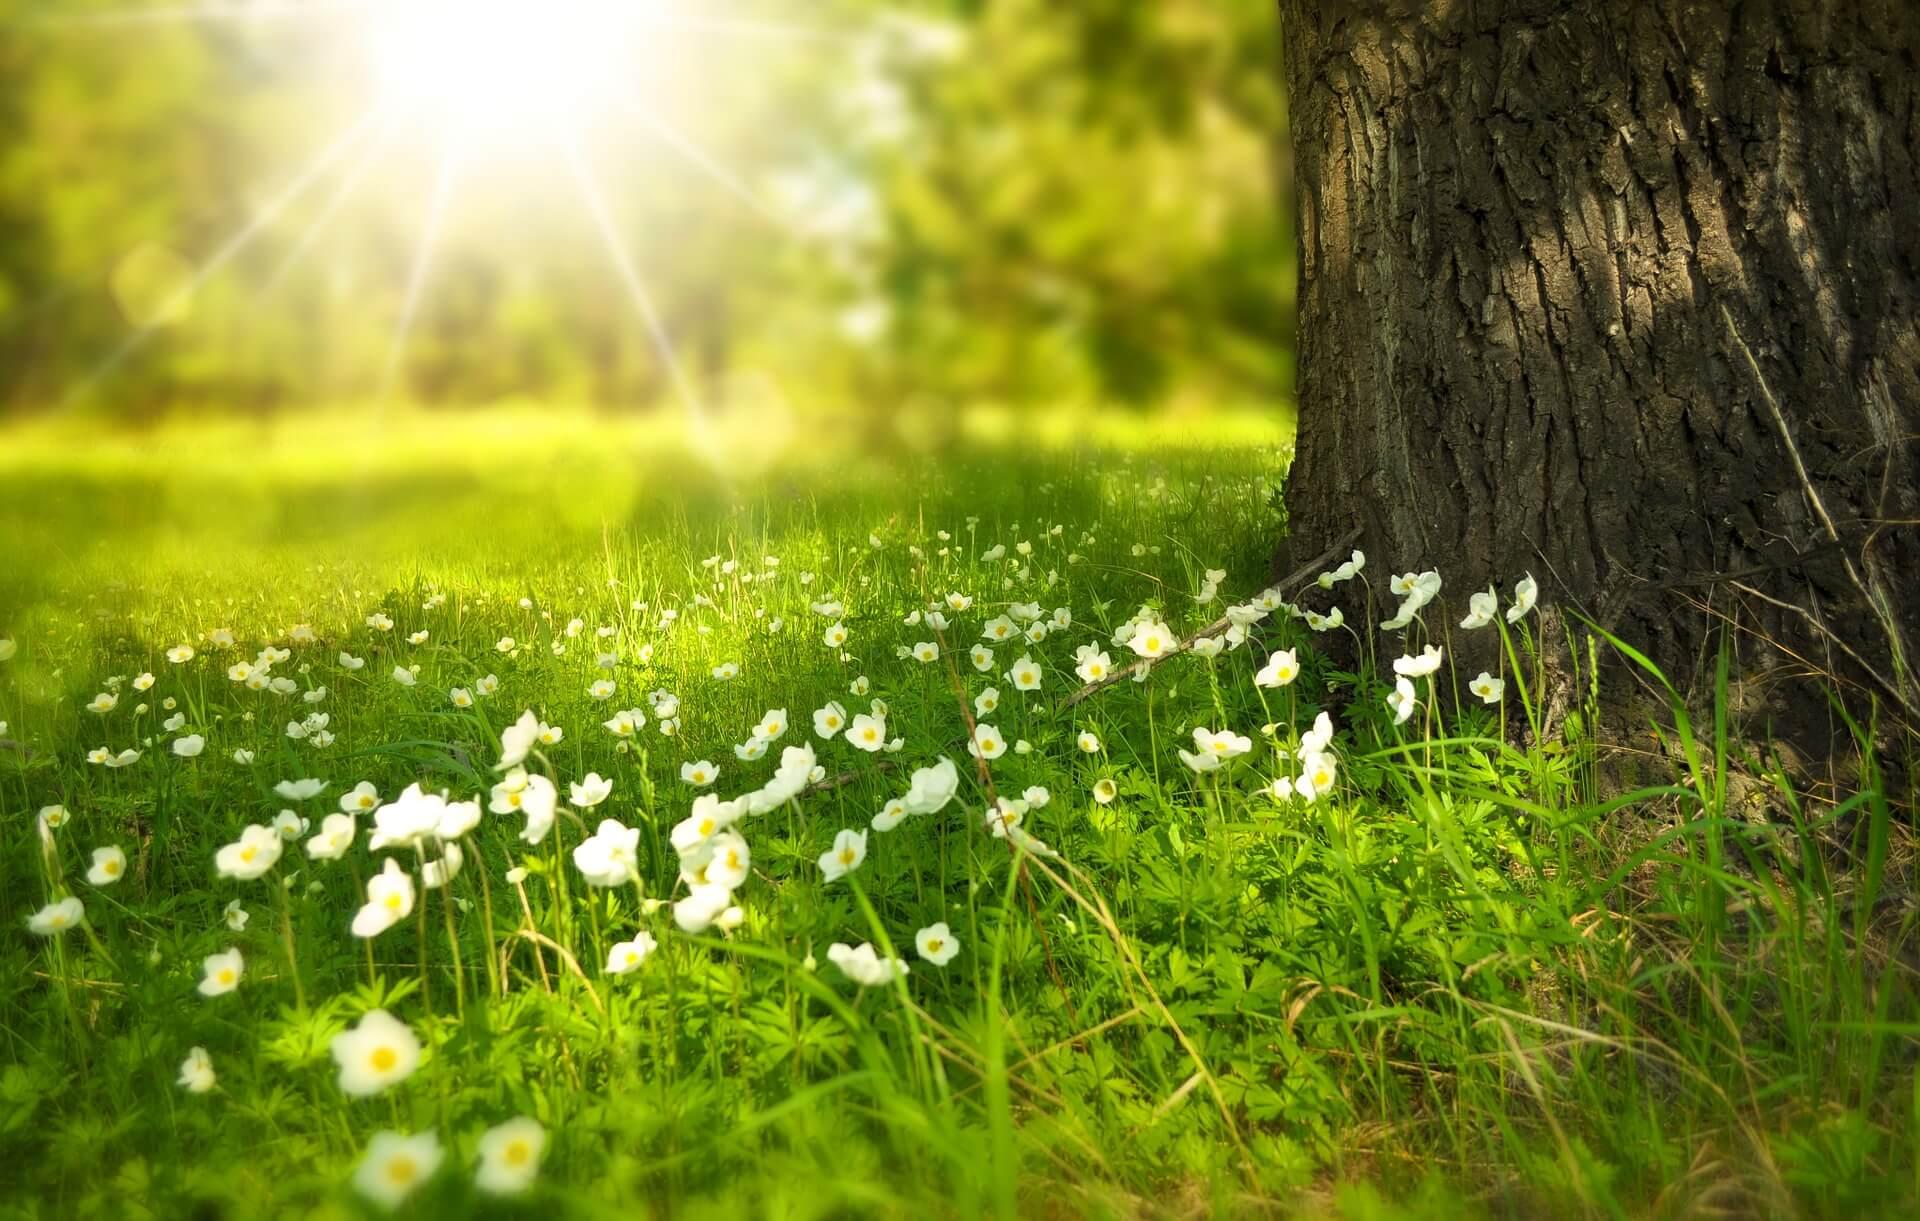 Poiana florilor